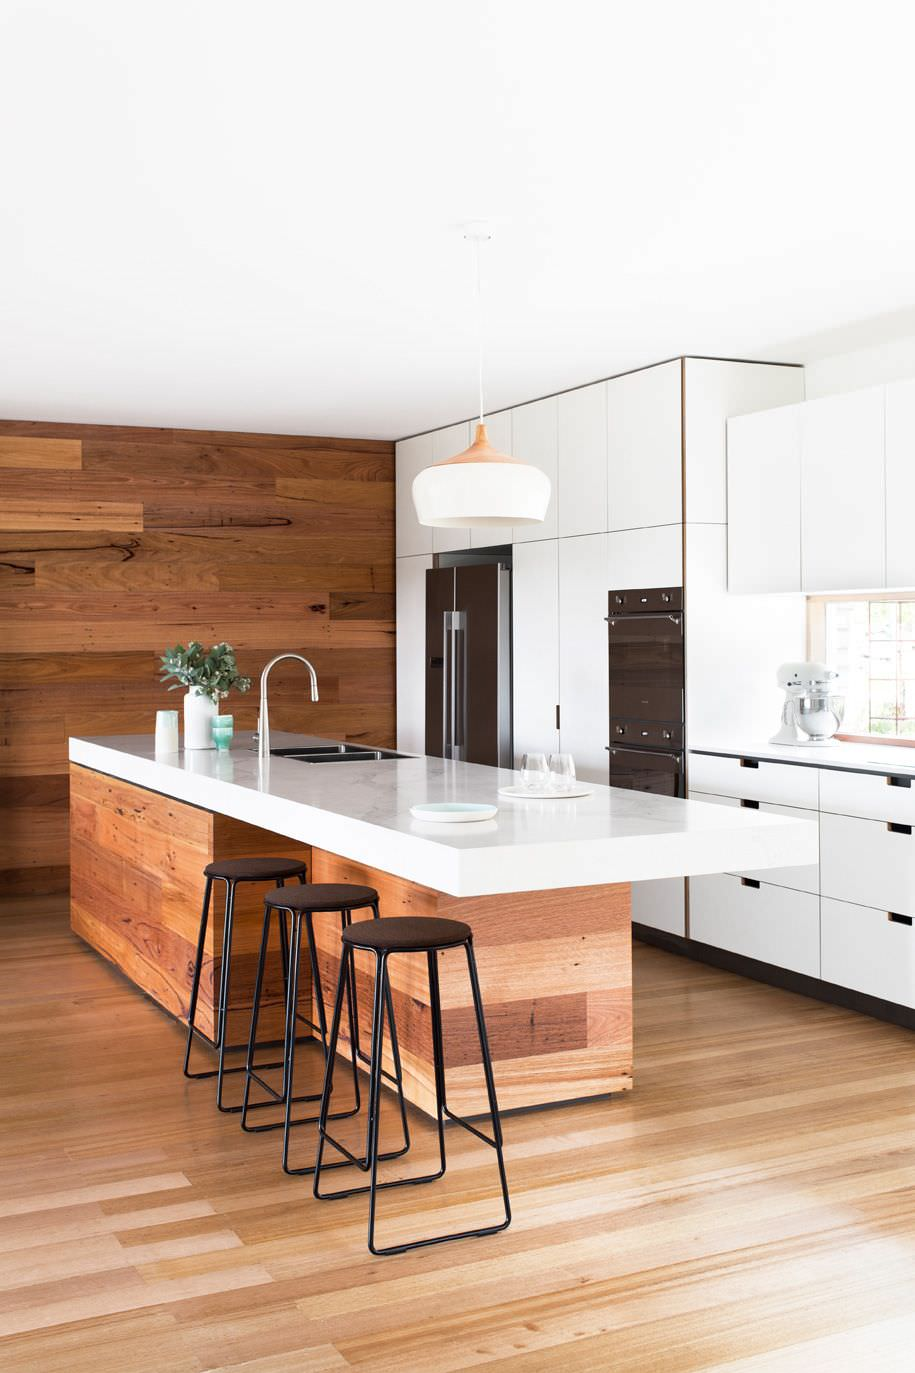 100 idee cucine con isola • Soluzioni moderne e funzionali • Isola ...